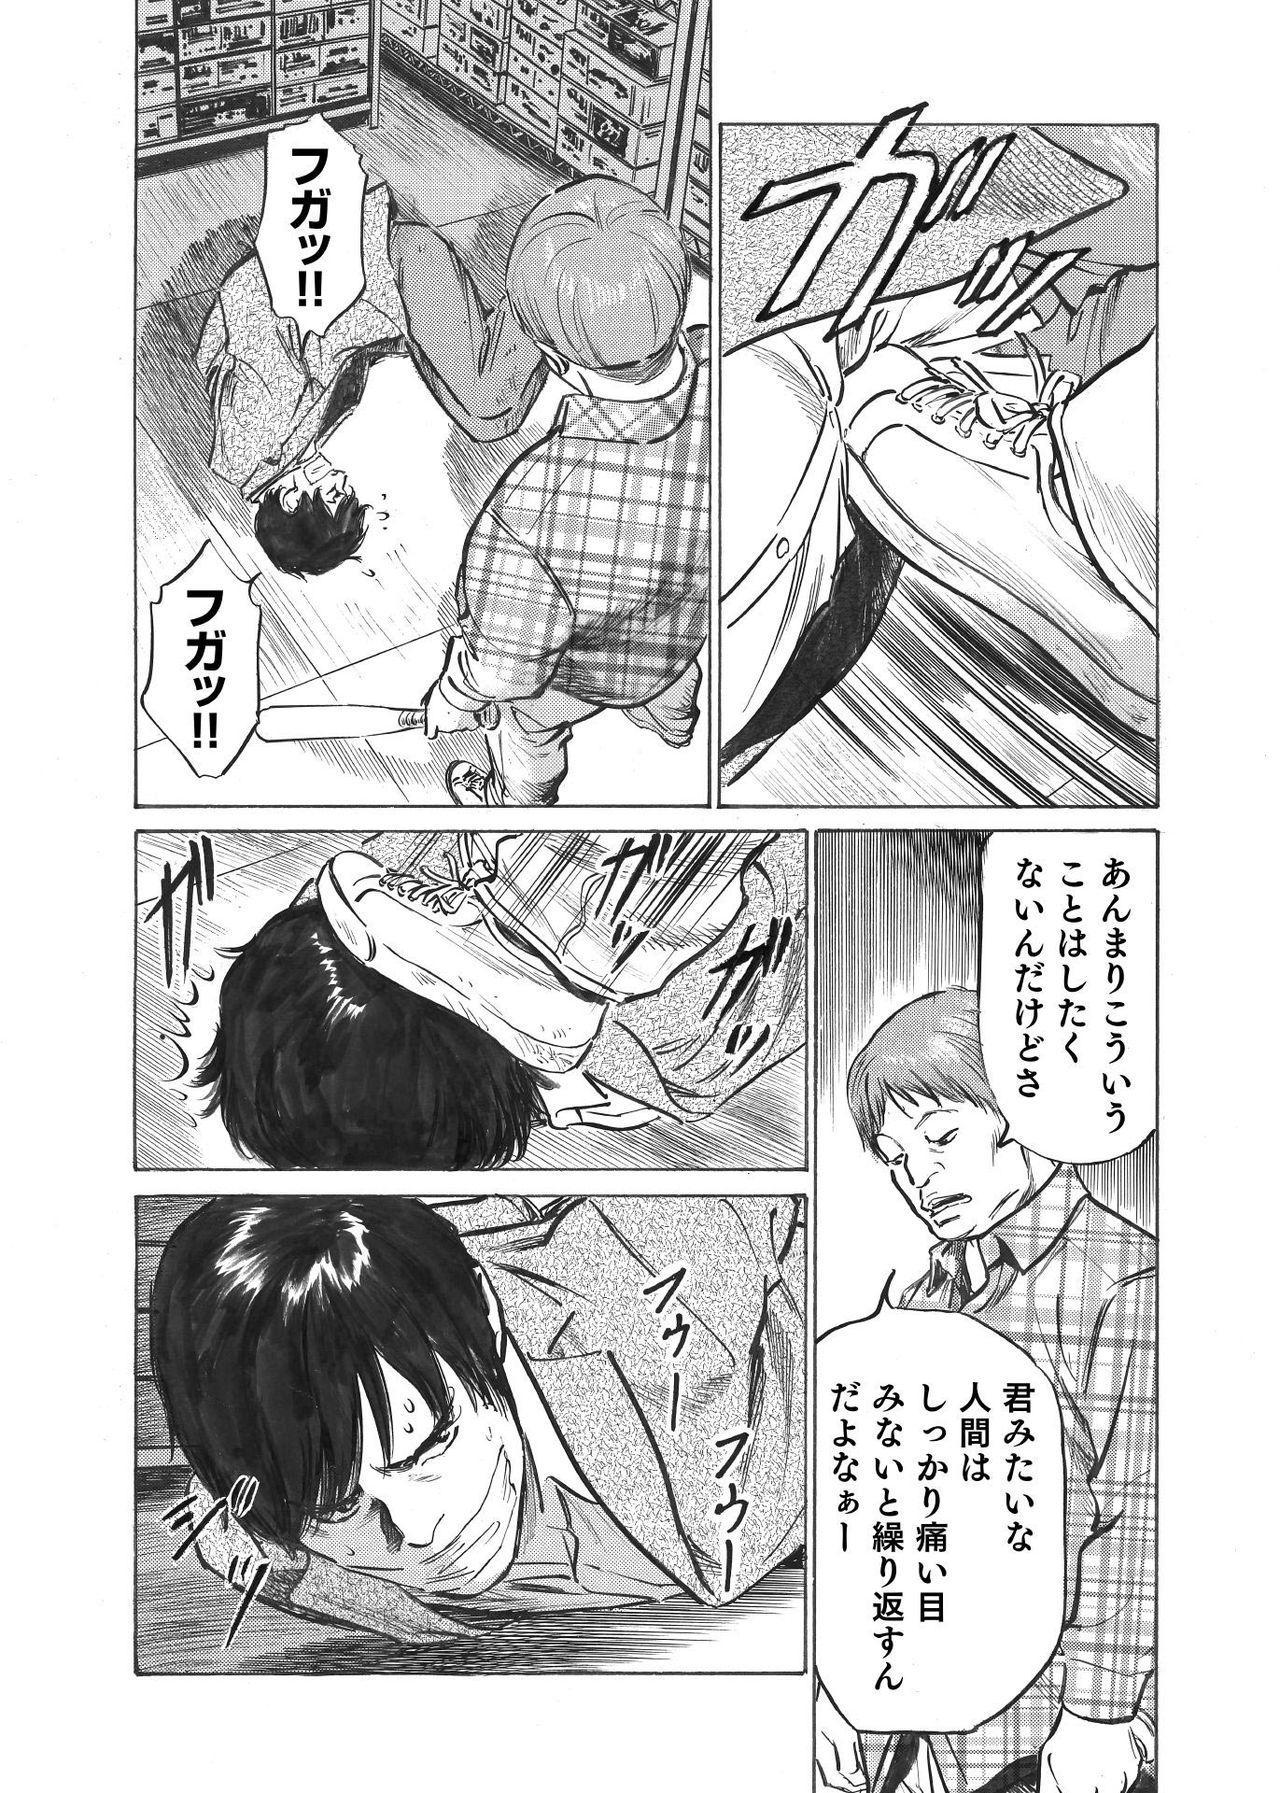 Ore wa Tsuma no Koto o Yoku Shiranai 1-9 47